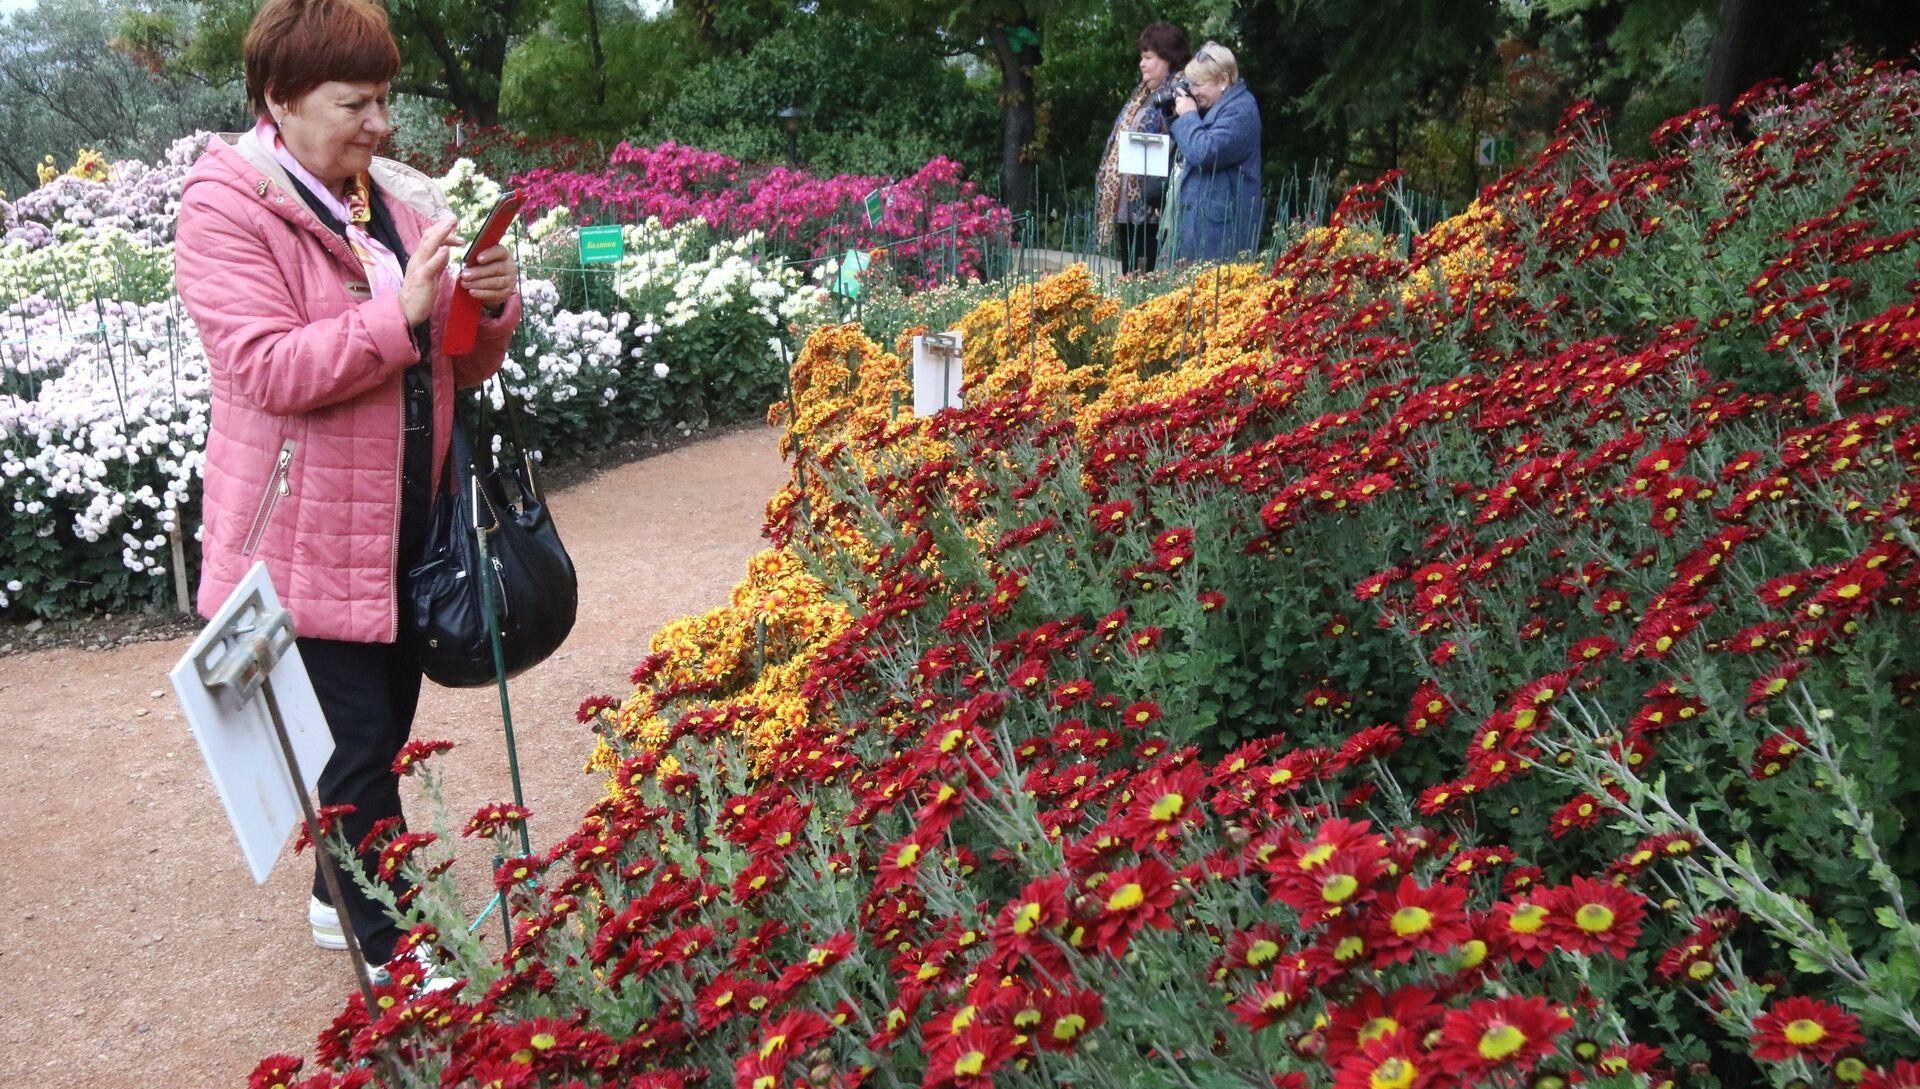 Бал хризантем в Никитском ботаническом саду - РИА Новости, 1920, 17.10.2020